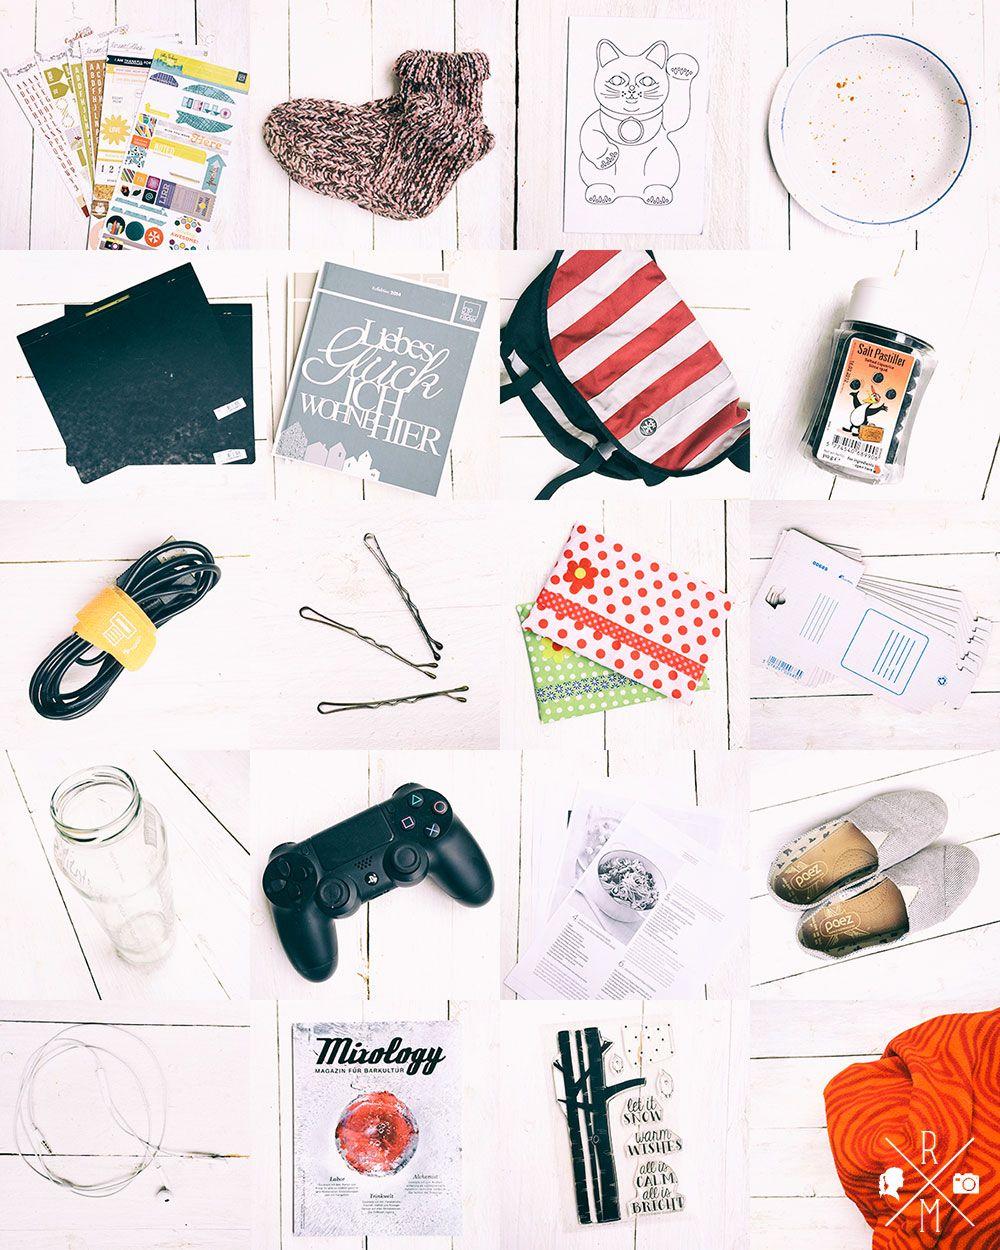 Inspirierend Aufräumen Leicht Gemacht Ideen Von Aufräumen - Aufräumspiel - 21 Clutter Street